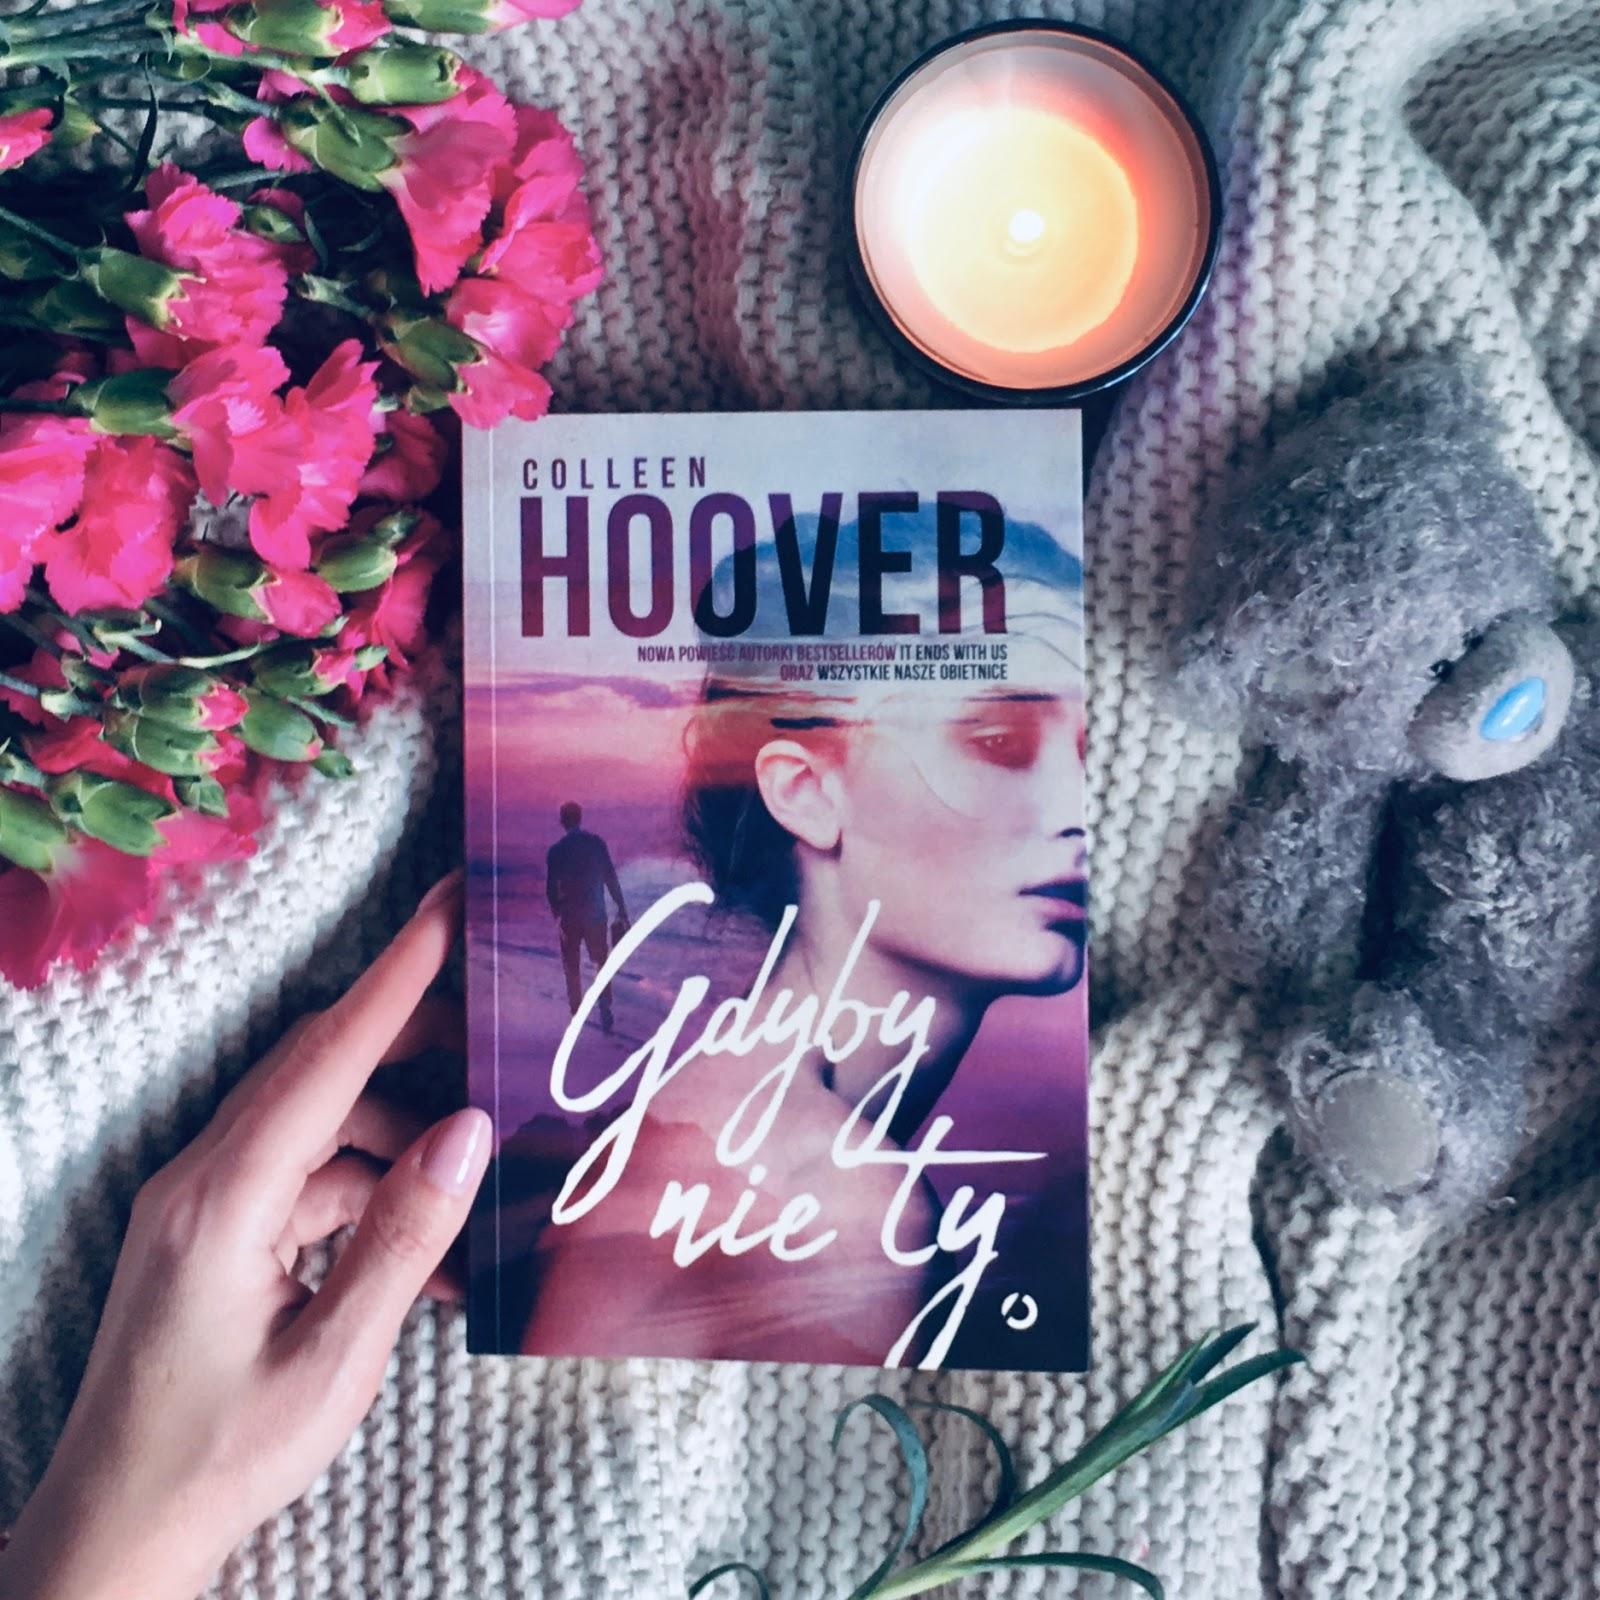 Gdyby nie ty – Colleen Hoover. Nie igraj z miłością